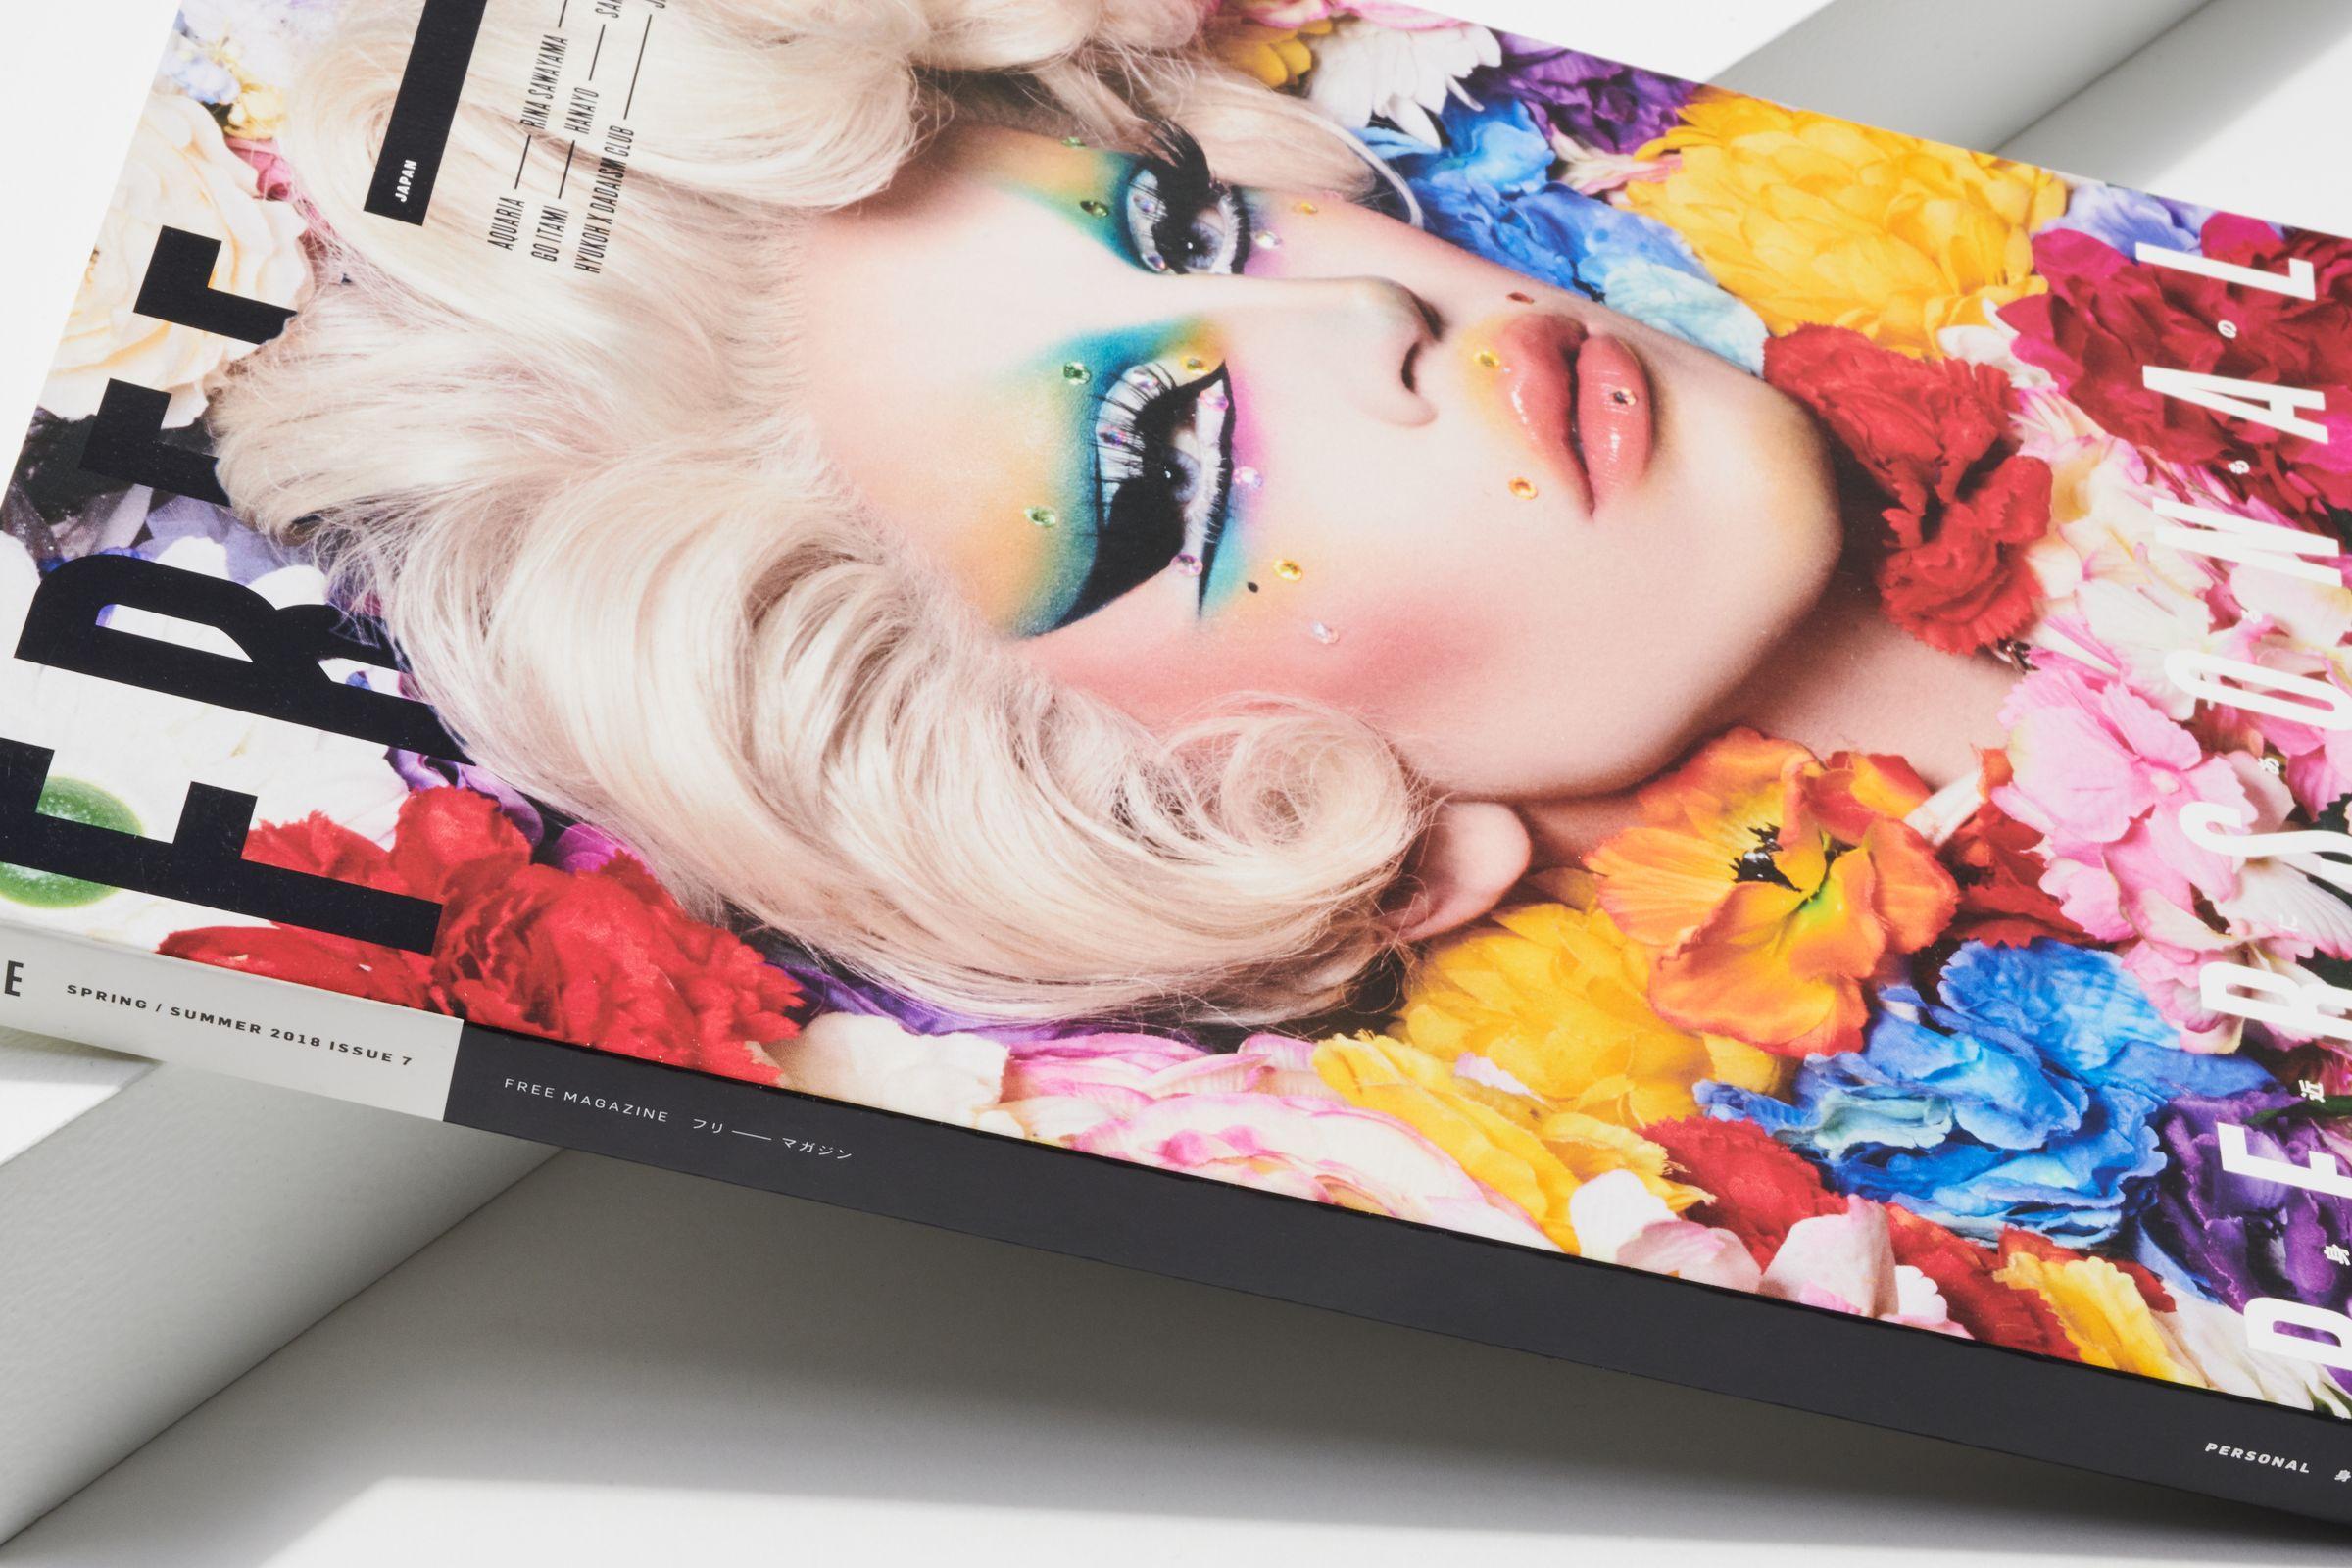 FREE Magazine cover design Aquaria